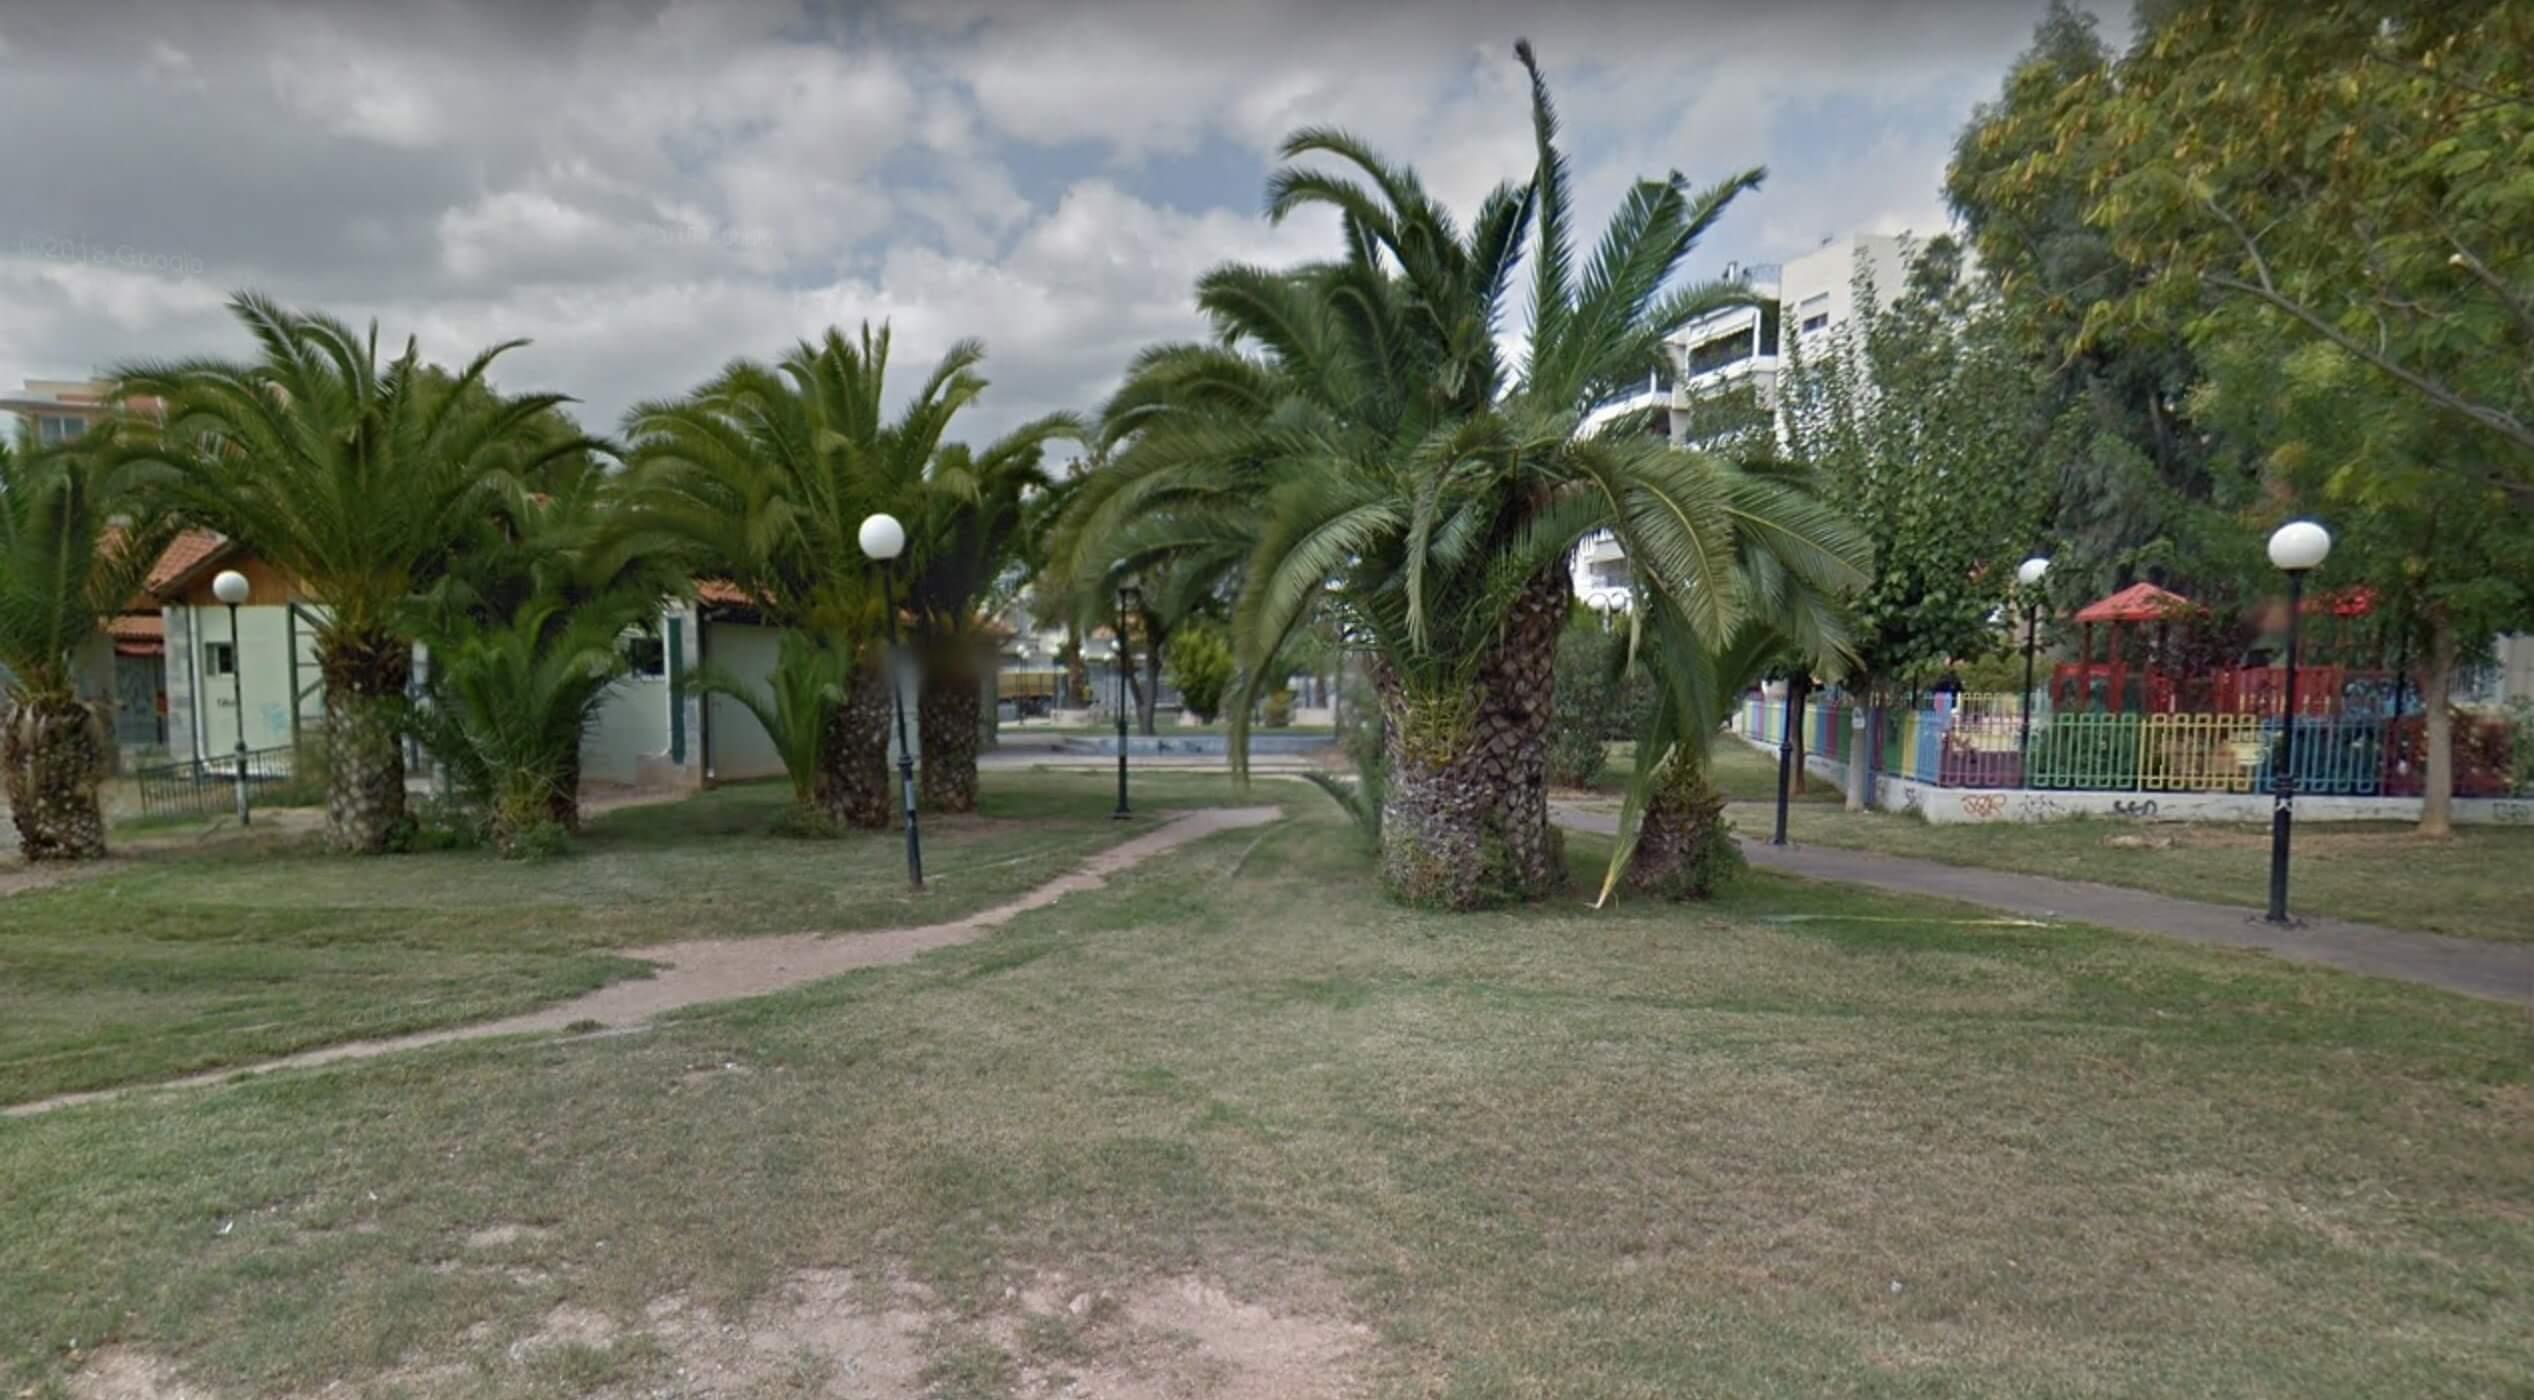 Νέο κοινόχρηστο χώρο πρασίνου αποκτά στον Άγιο Φανούριο ο Δήμος Ιλίου